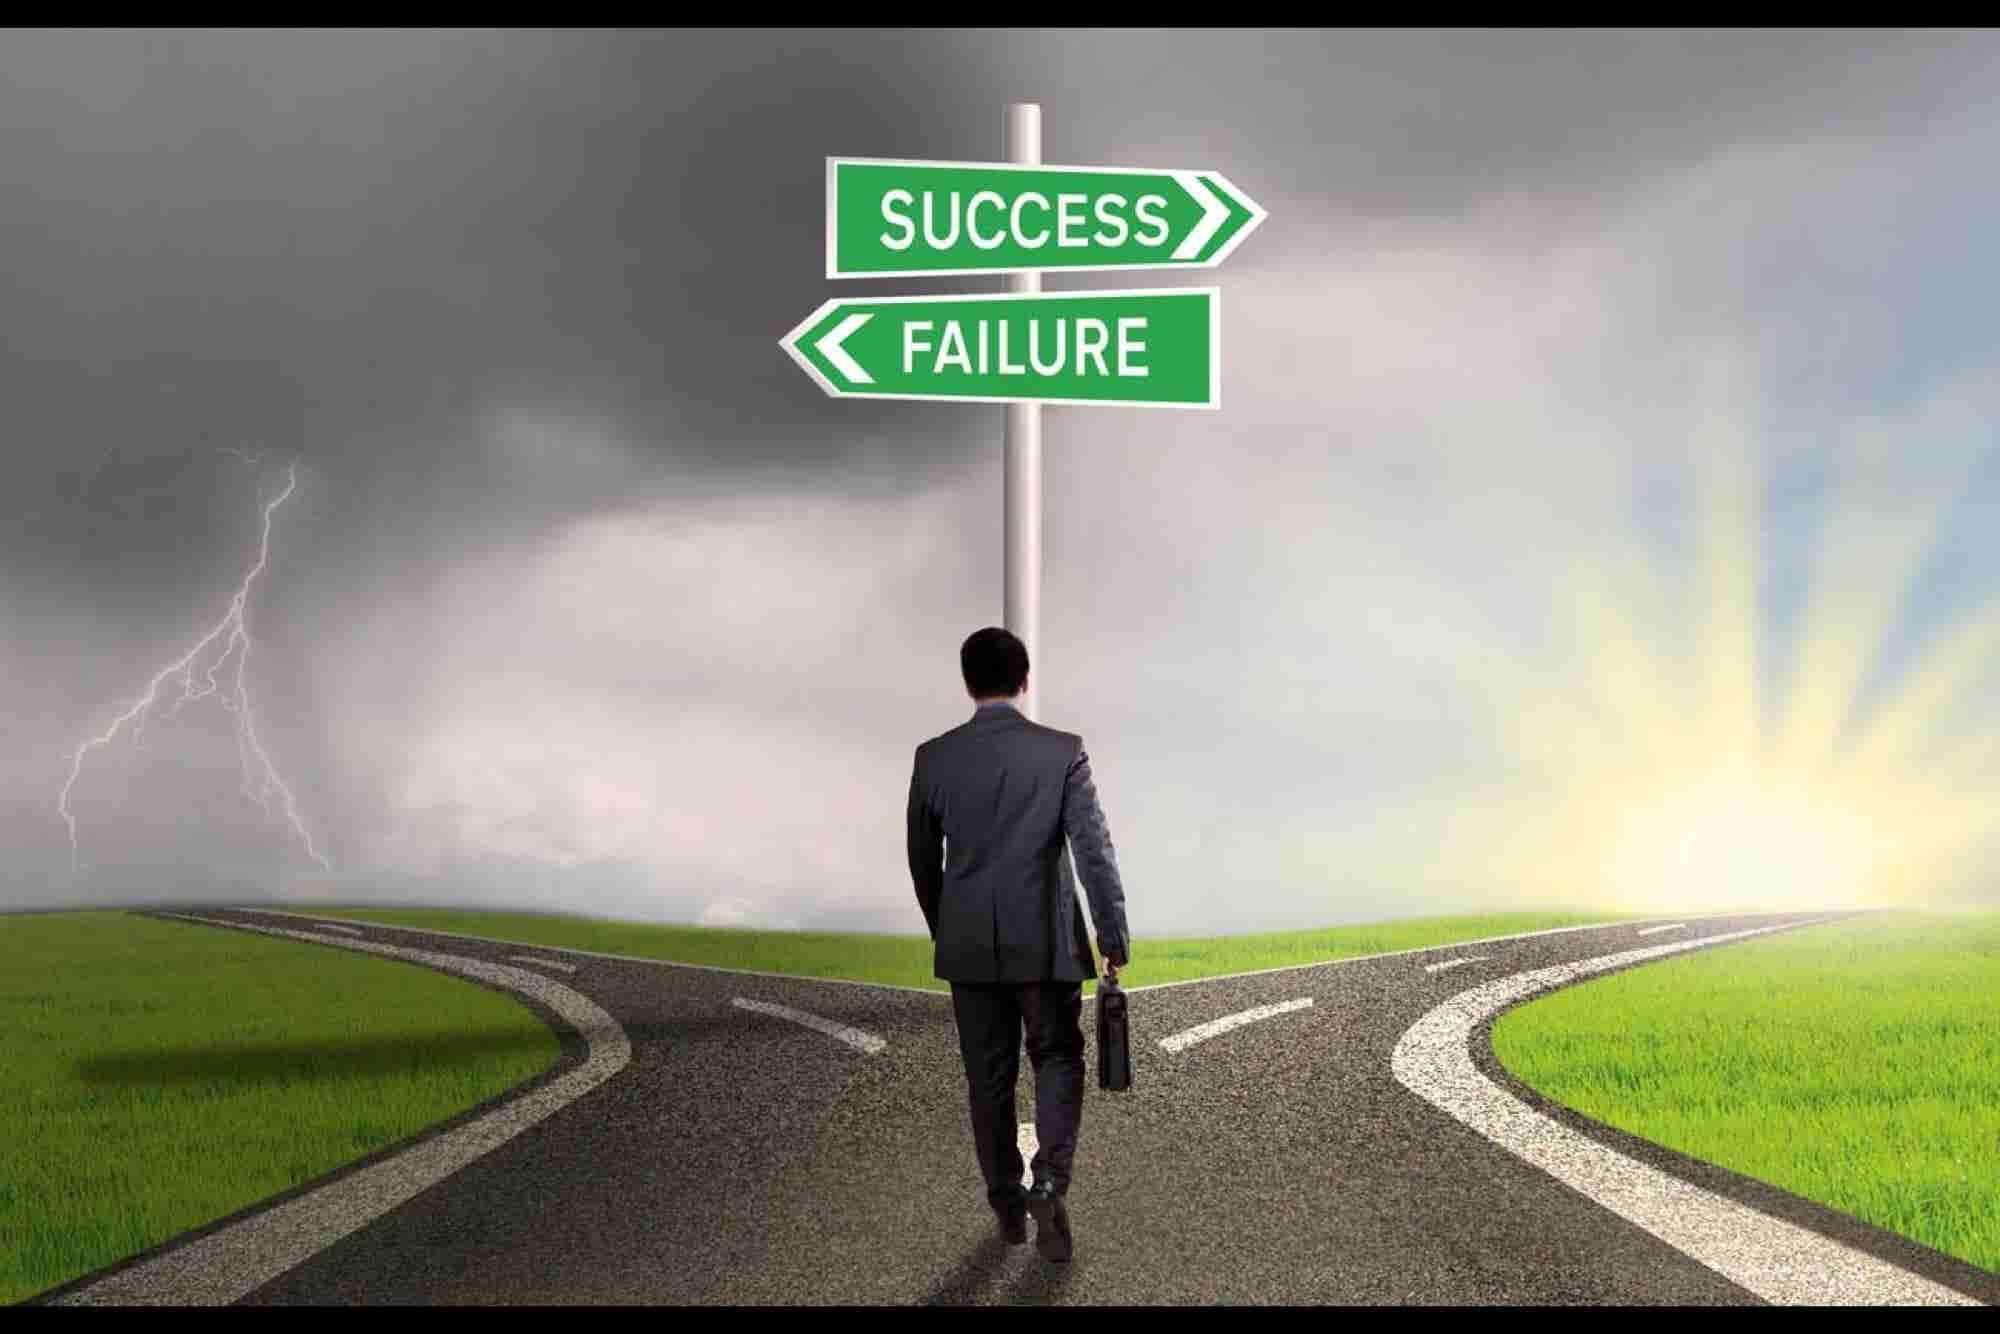 Don't detest failure, embrace it